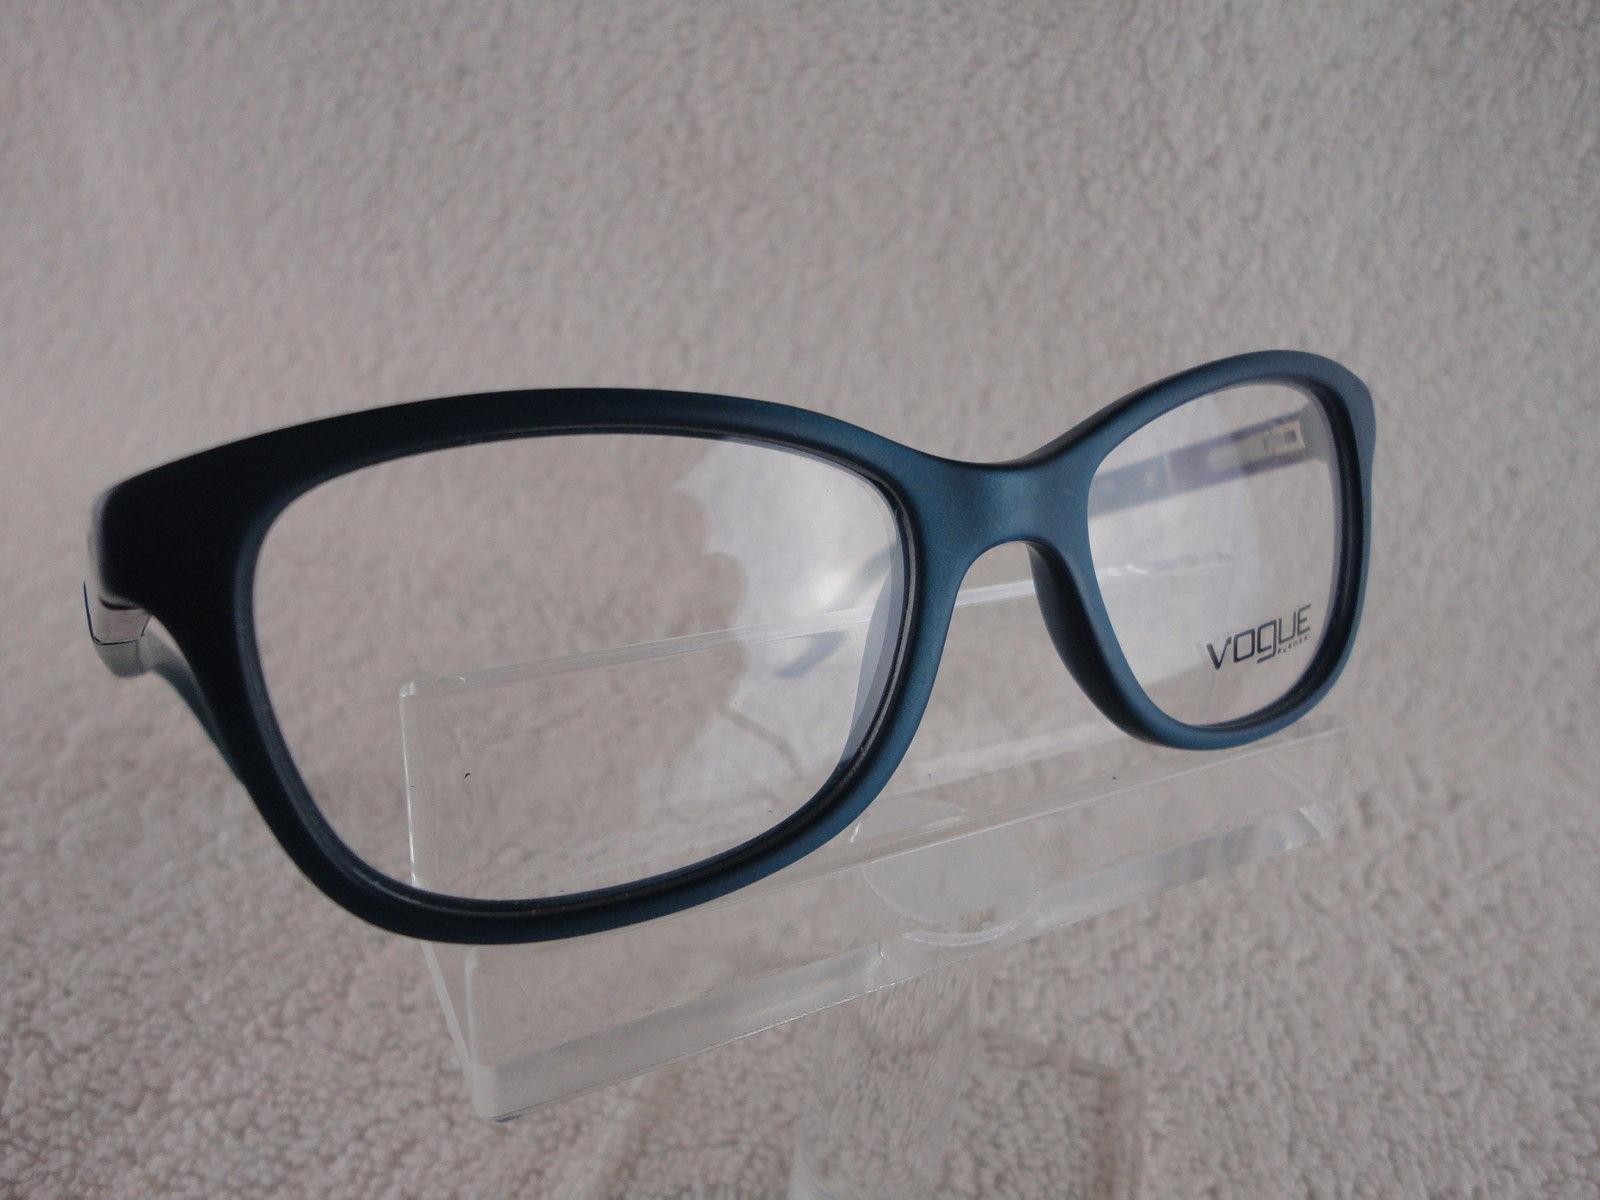 bca8cb2b25 Vogue VO 2892 (2134S) Teal Satin 47 X 16 and 50 similar items